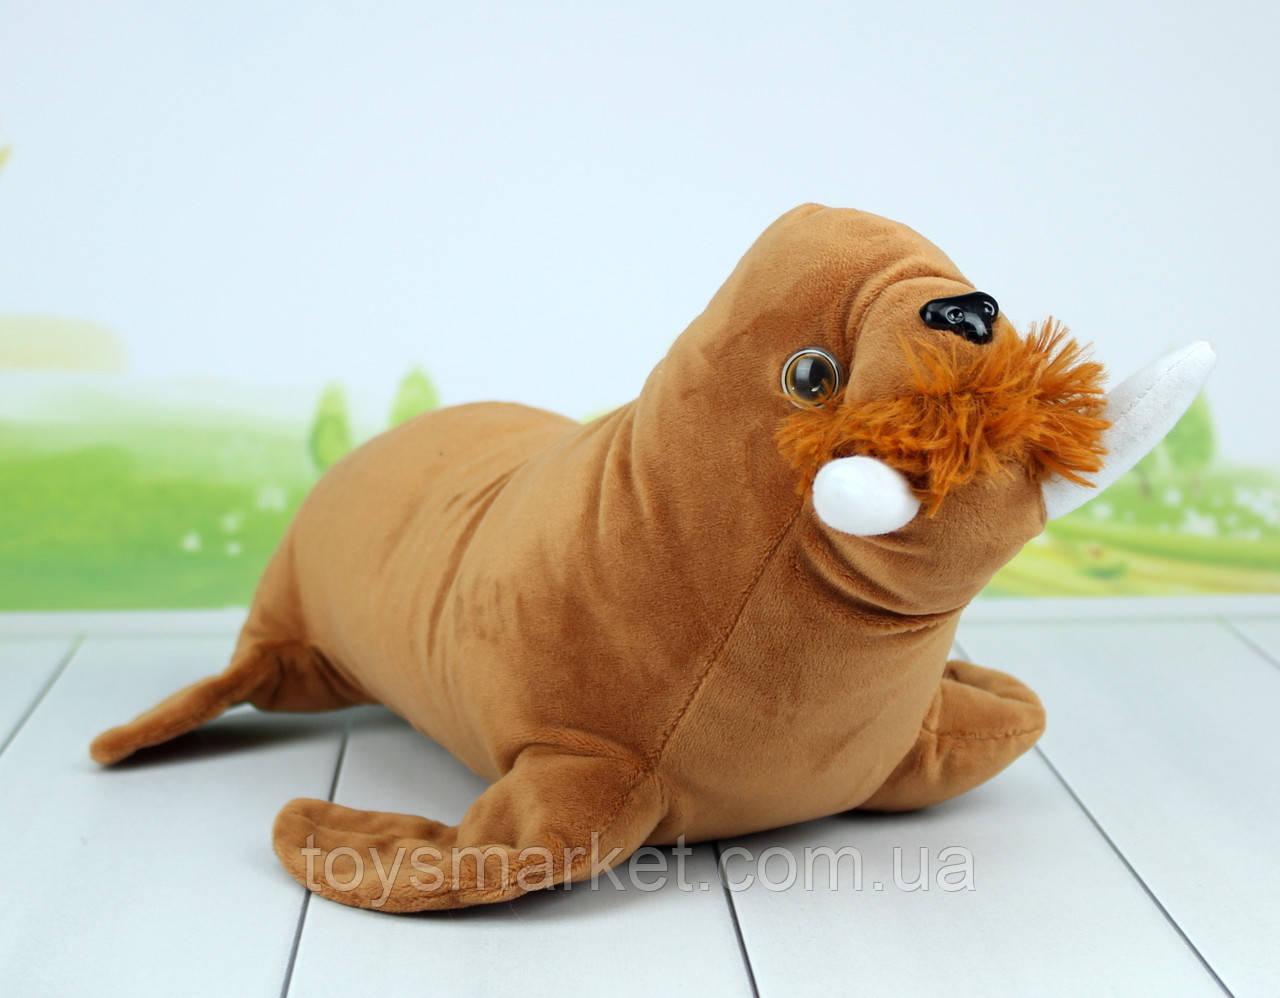 Мягкая игрушка Морж, 32 см.